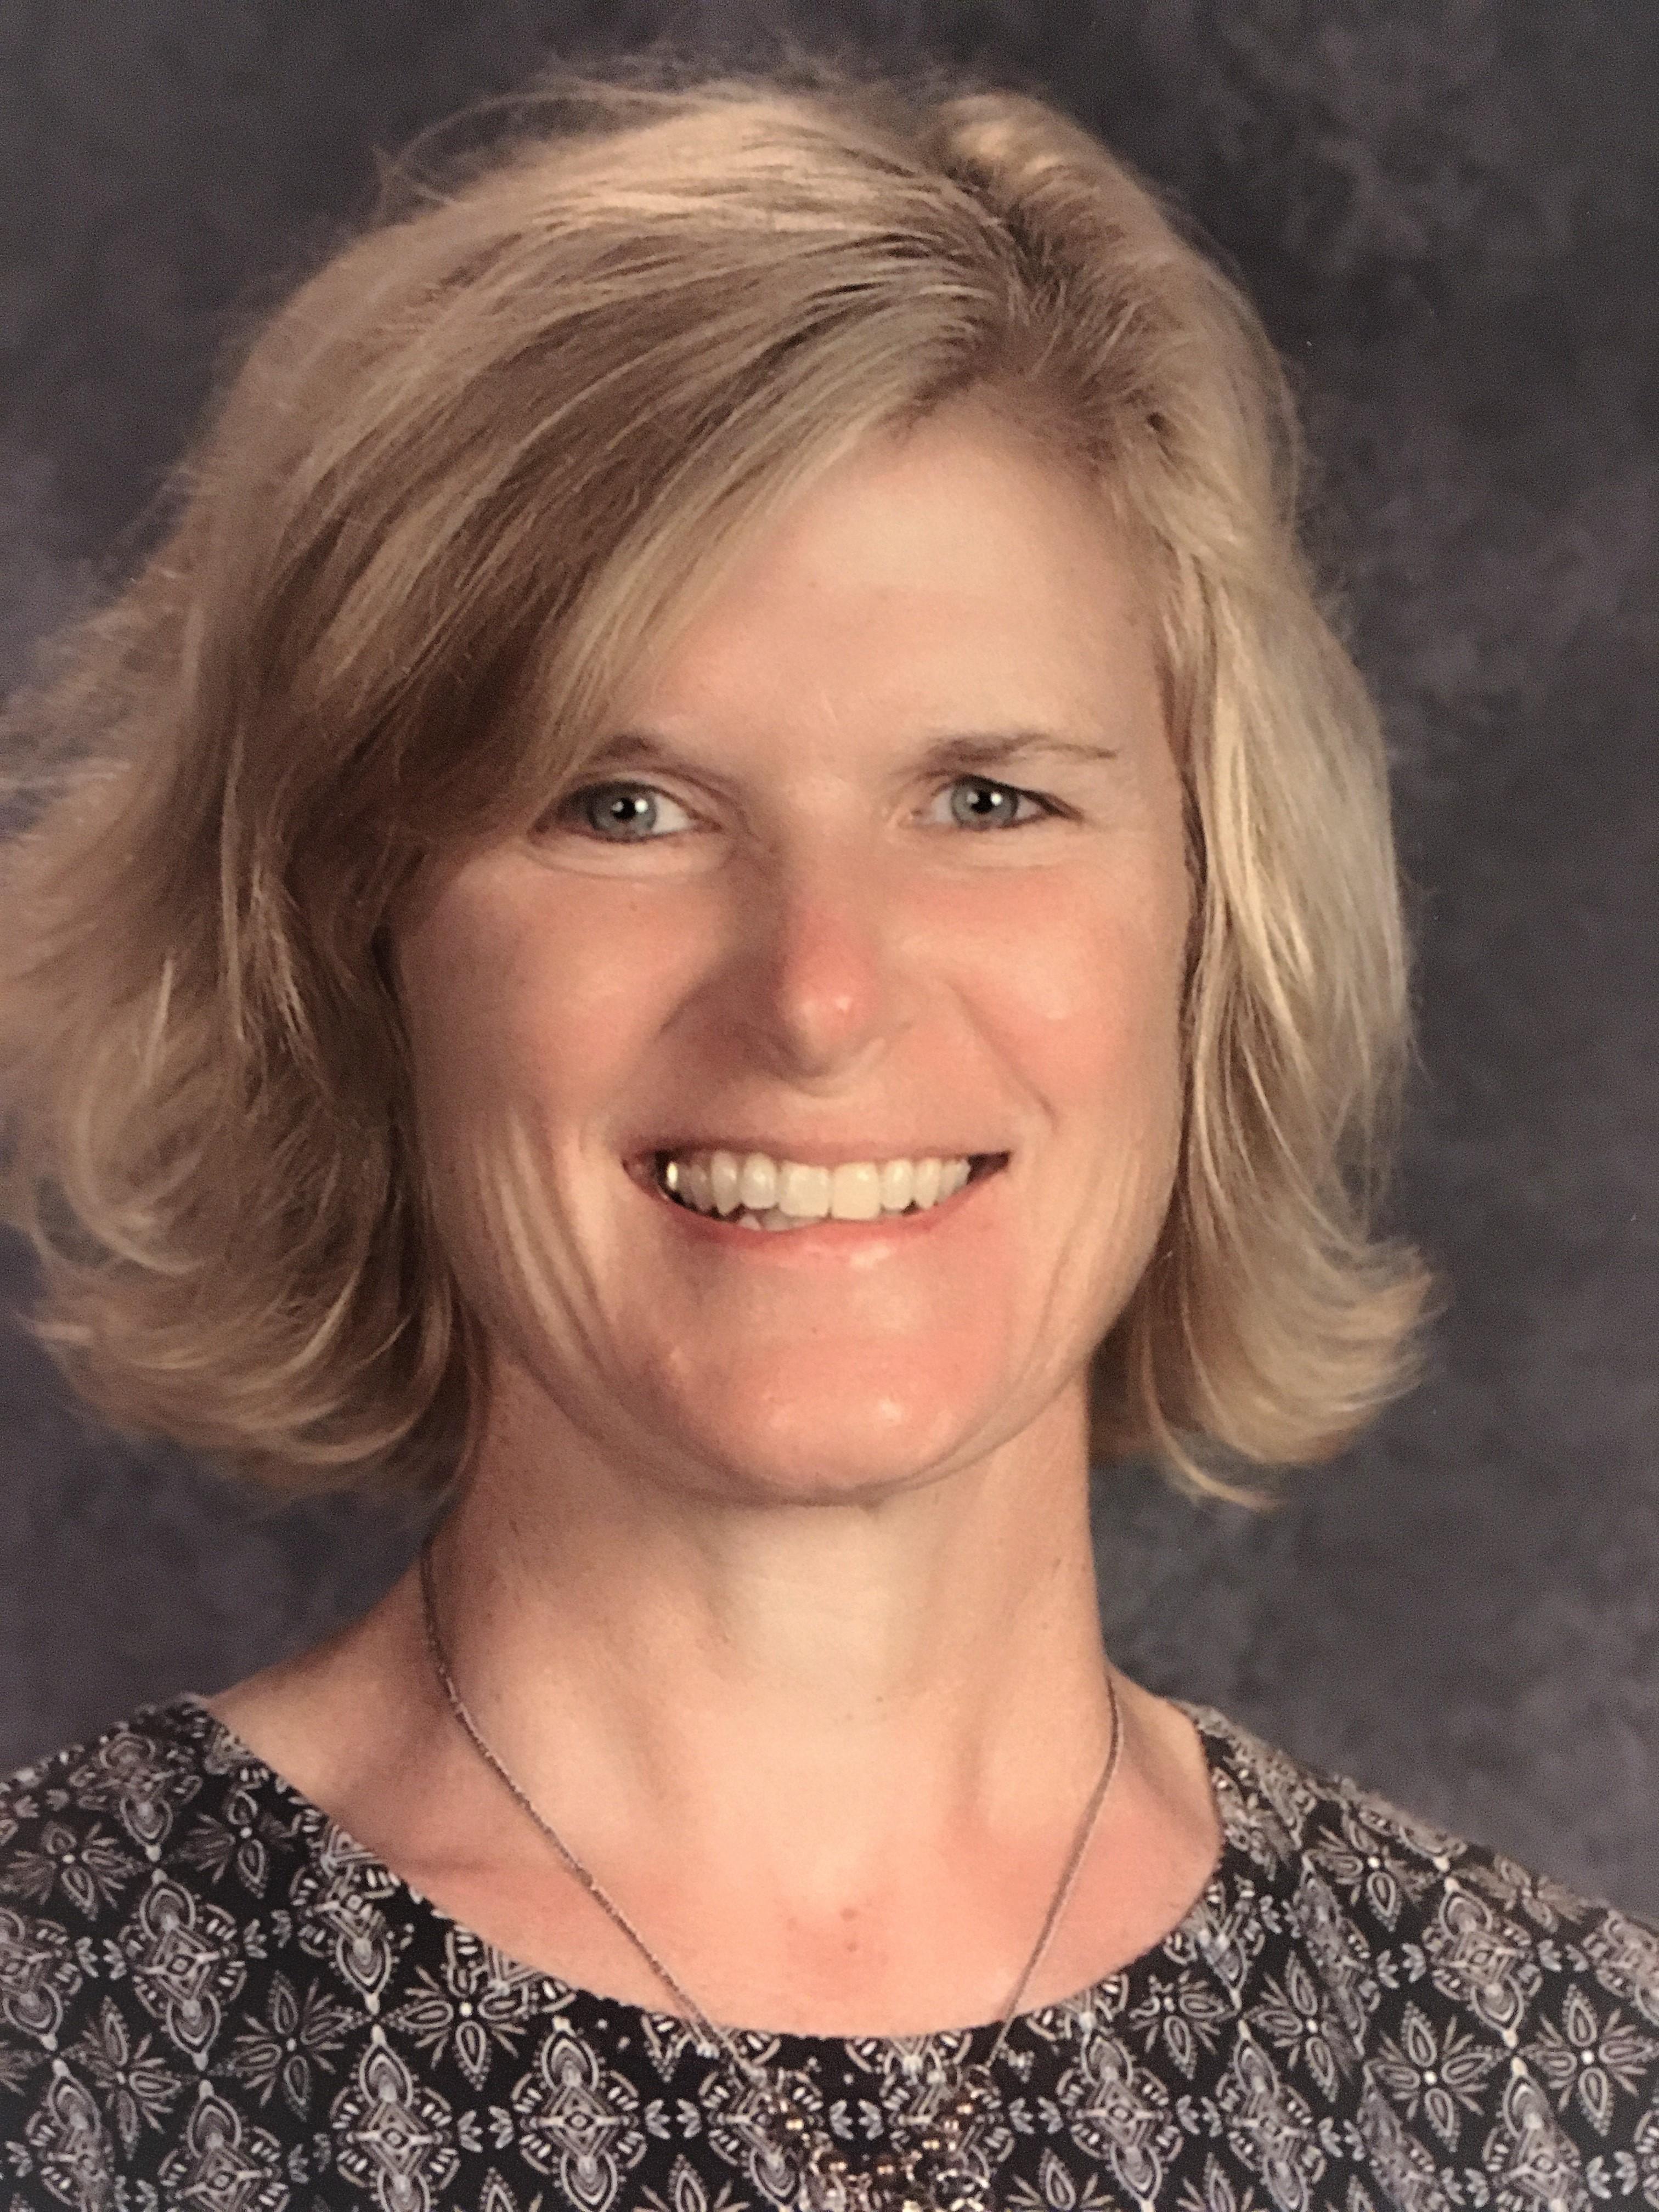 Denise Clemens Portrait Photo